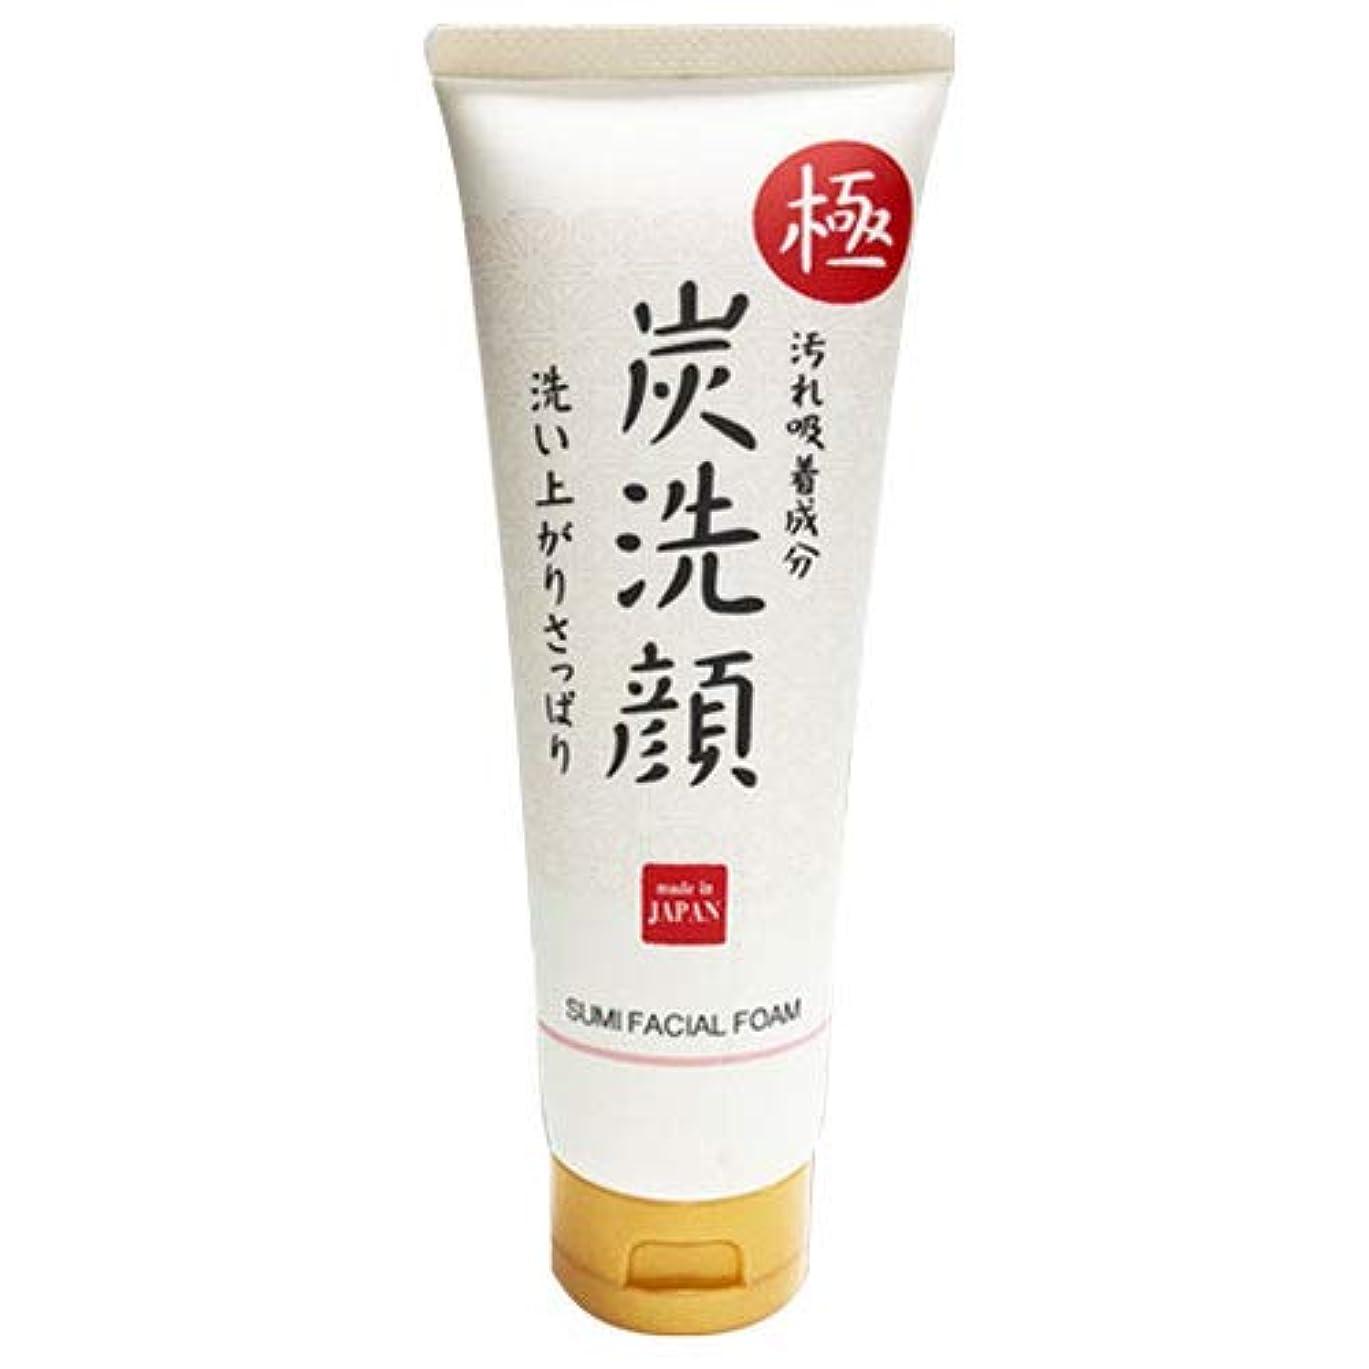 資料コンピューター横向き極 炭洗顔 日本製 炭 洗顔 フェイスケア 肌 美容 スキンケア クレンジング 素肌 もっちり泡洗顔 化粧品 メイク落とし 毛穴ケア 毛穴汚れ